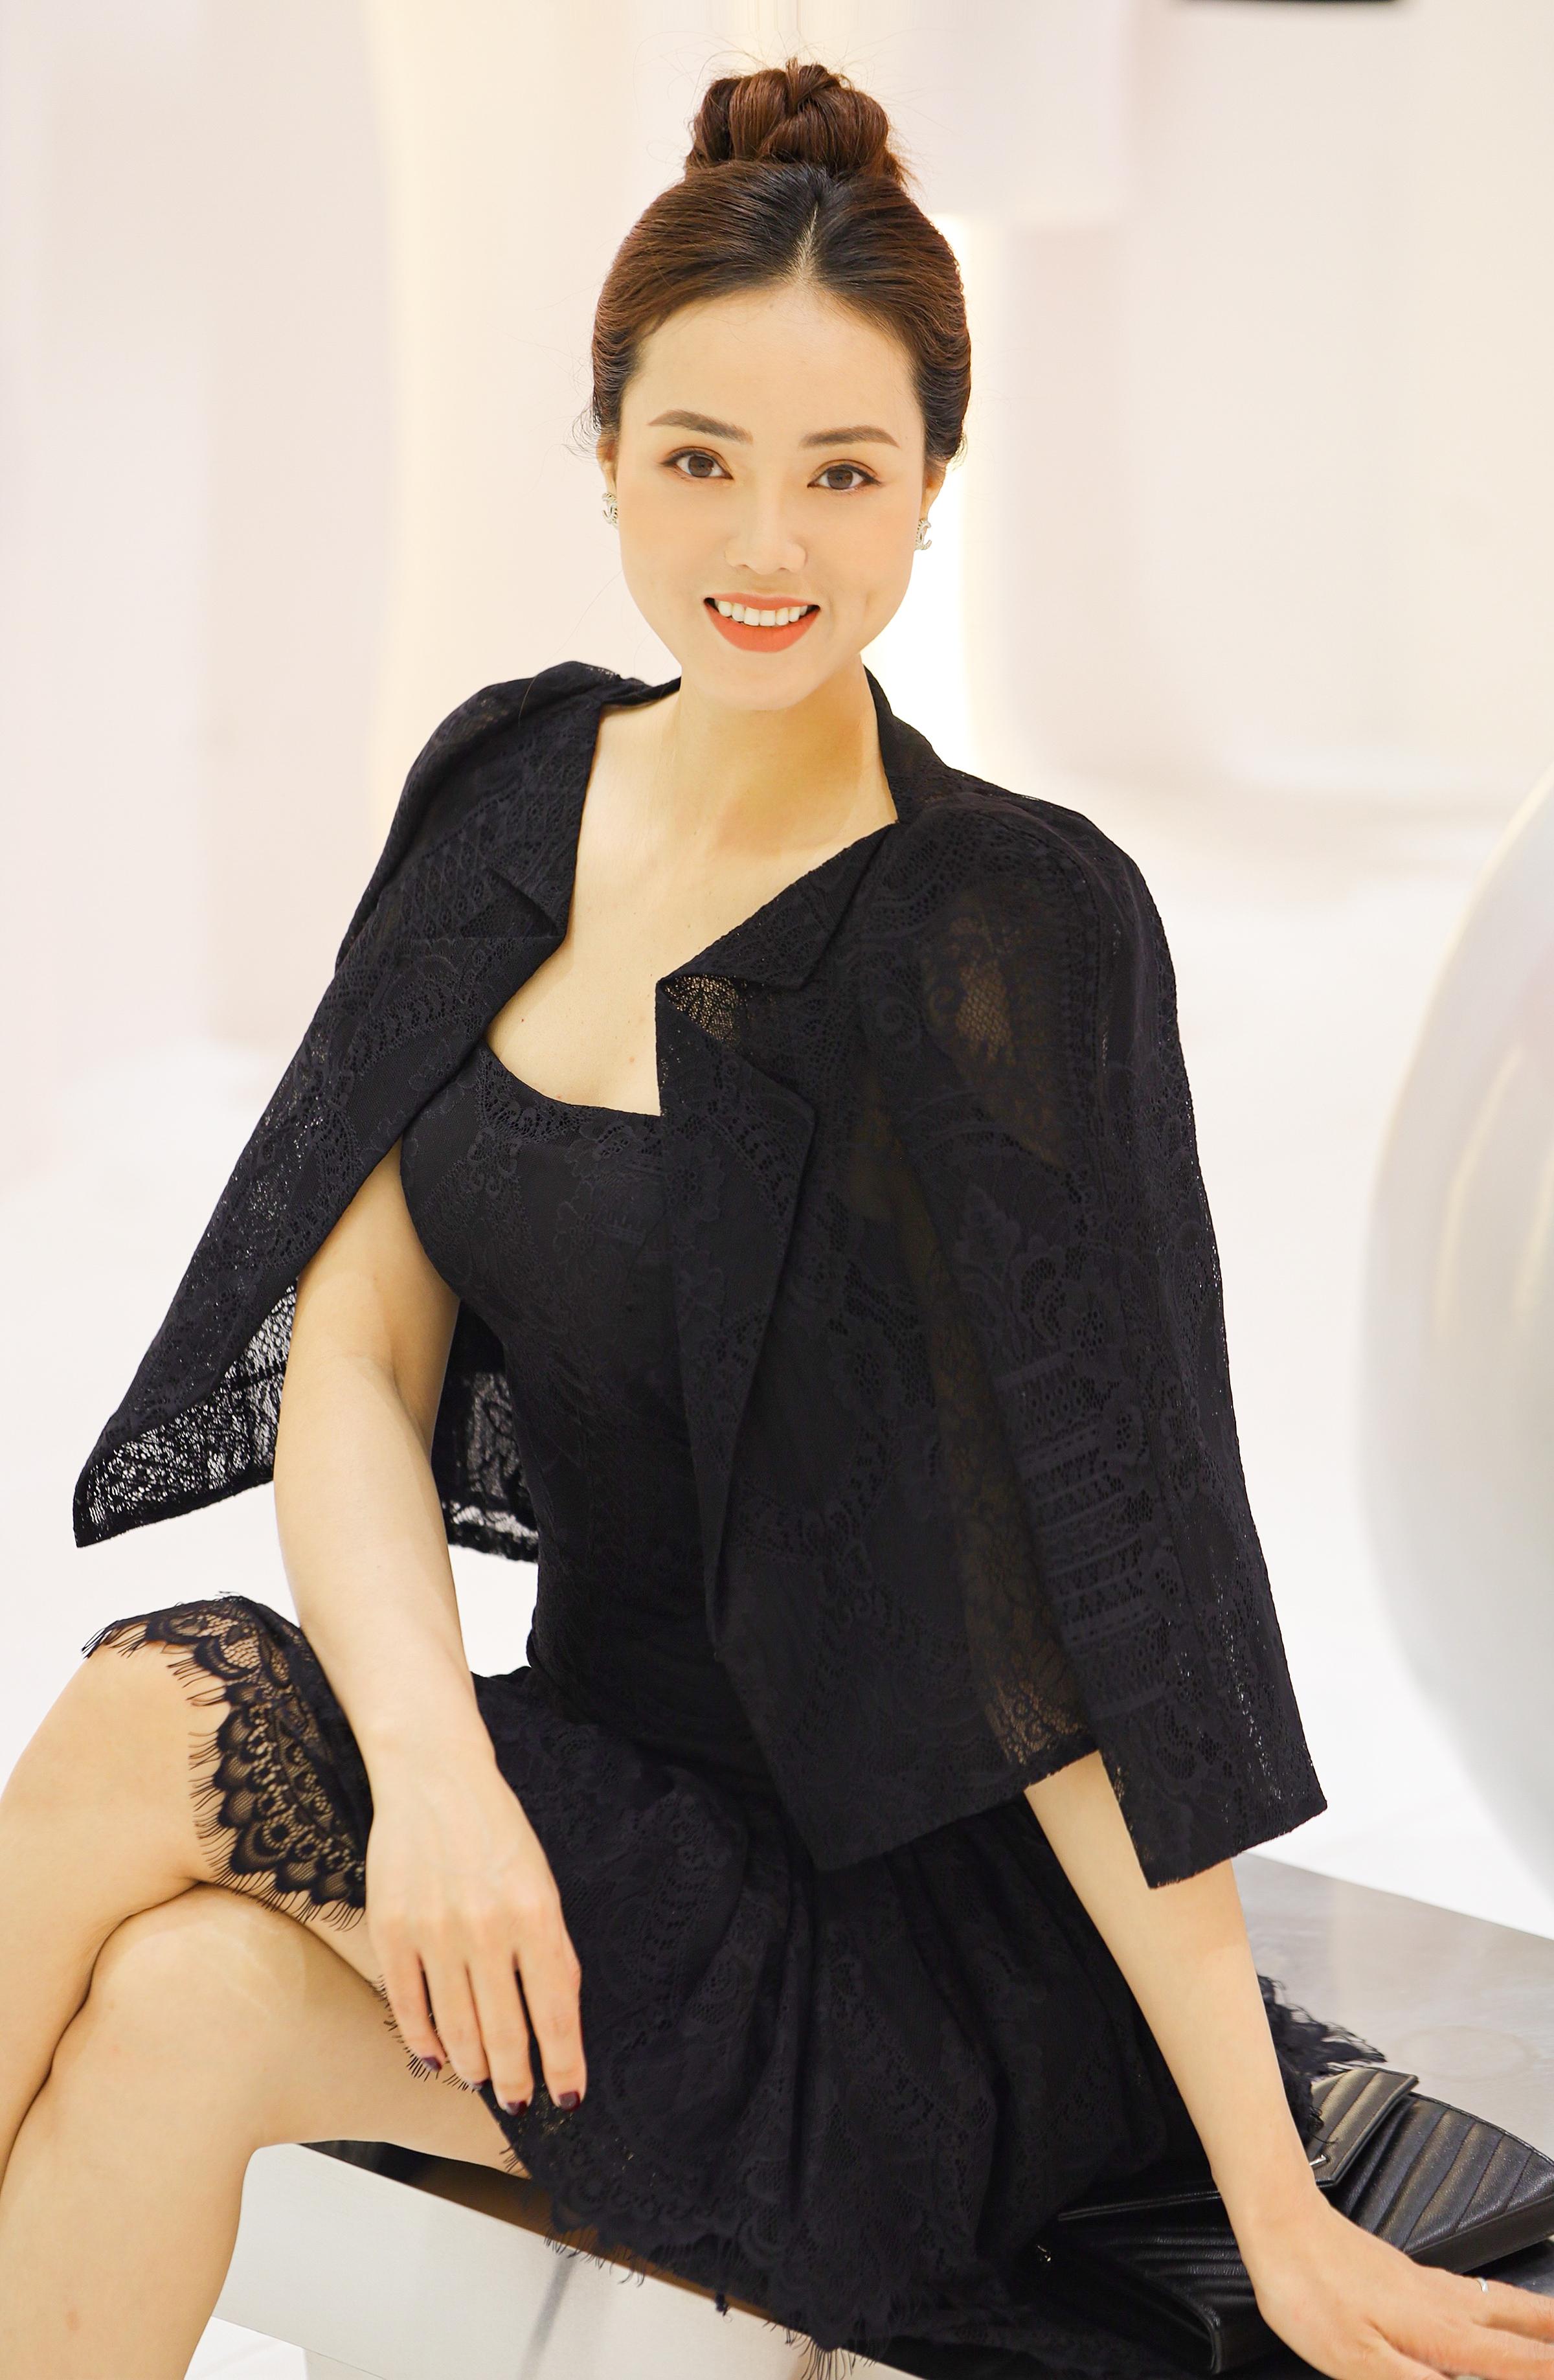 Trong dịp này, Ngọc Hà thử một bộ váy ren đen. Đây là style và màu sắc mới mẻ mà trước đó cô ít khi diện. Người đẹp nhận được nhiều lời khen vì vẻ quý phái, sang trọng.